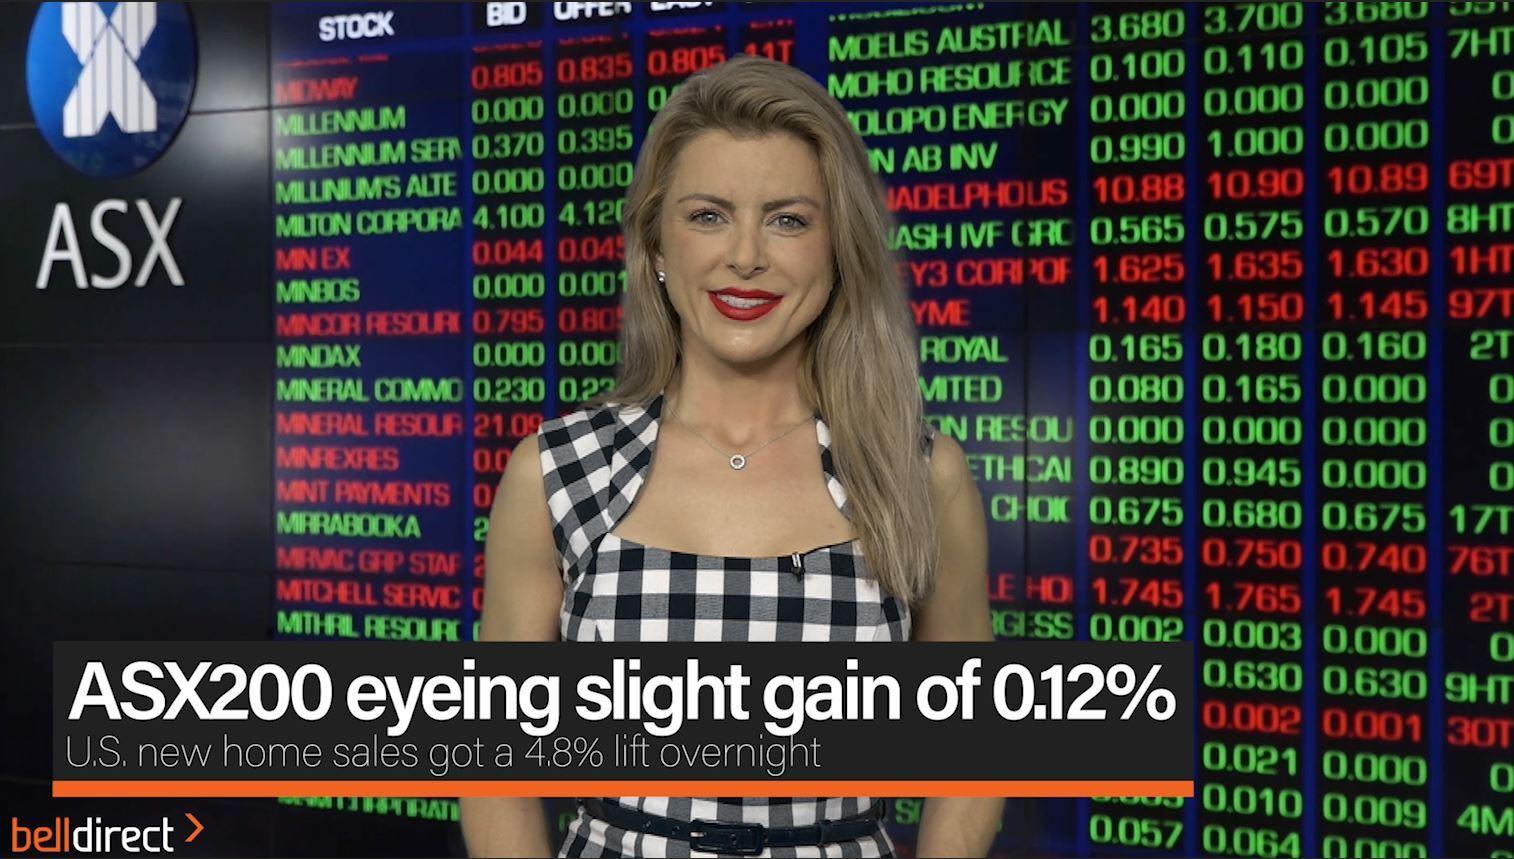 ASX200 eyeing slight gain 0.12%